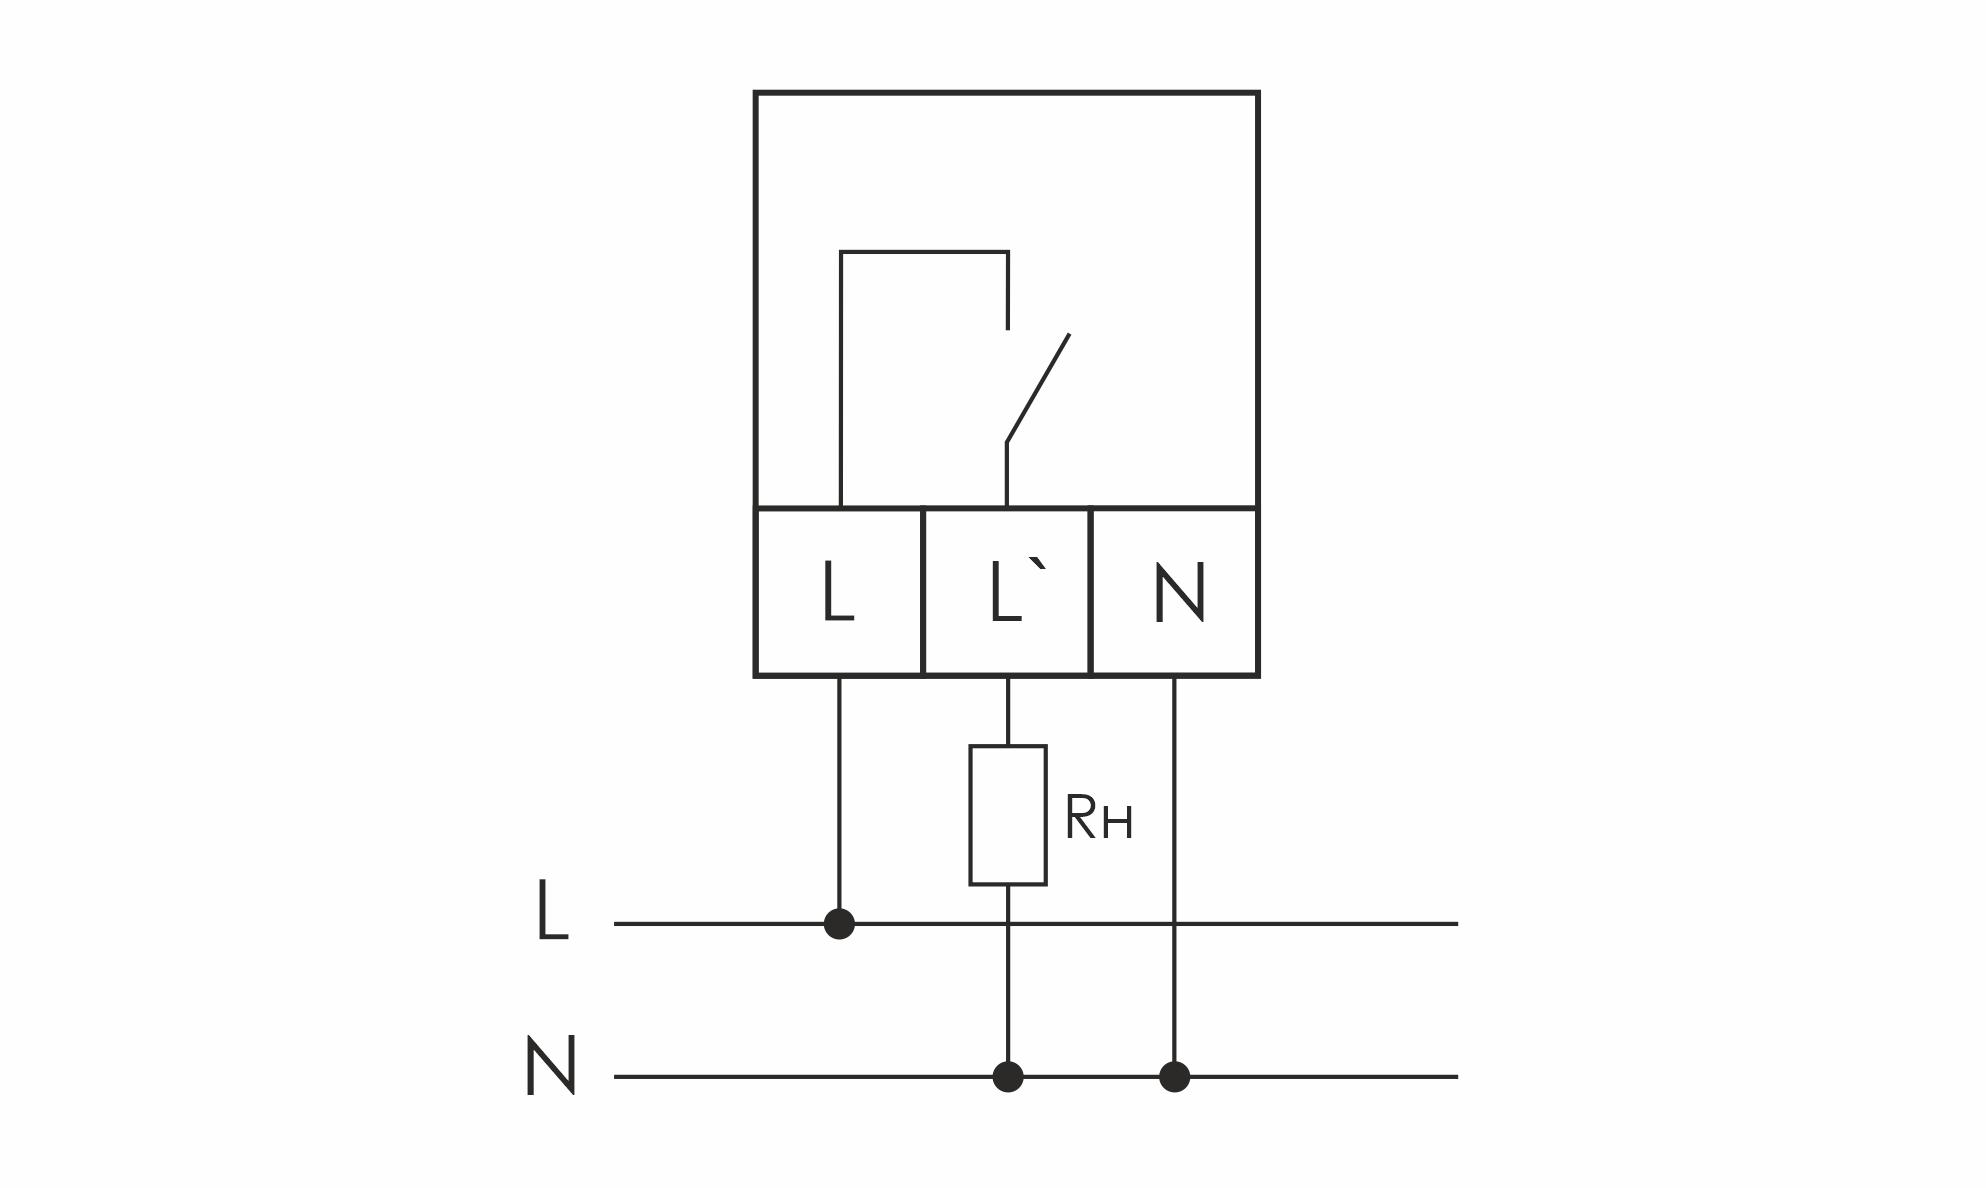 схема подключения CP-721-1